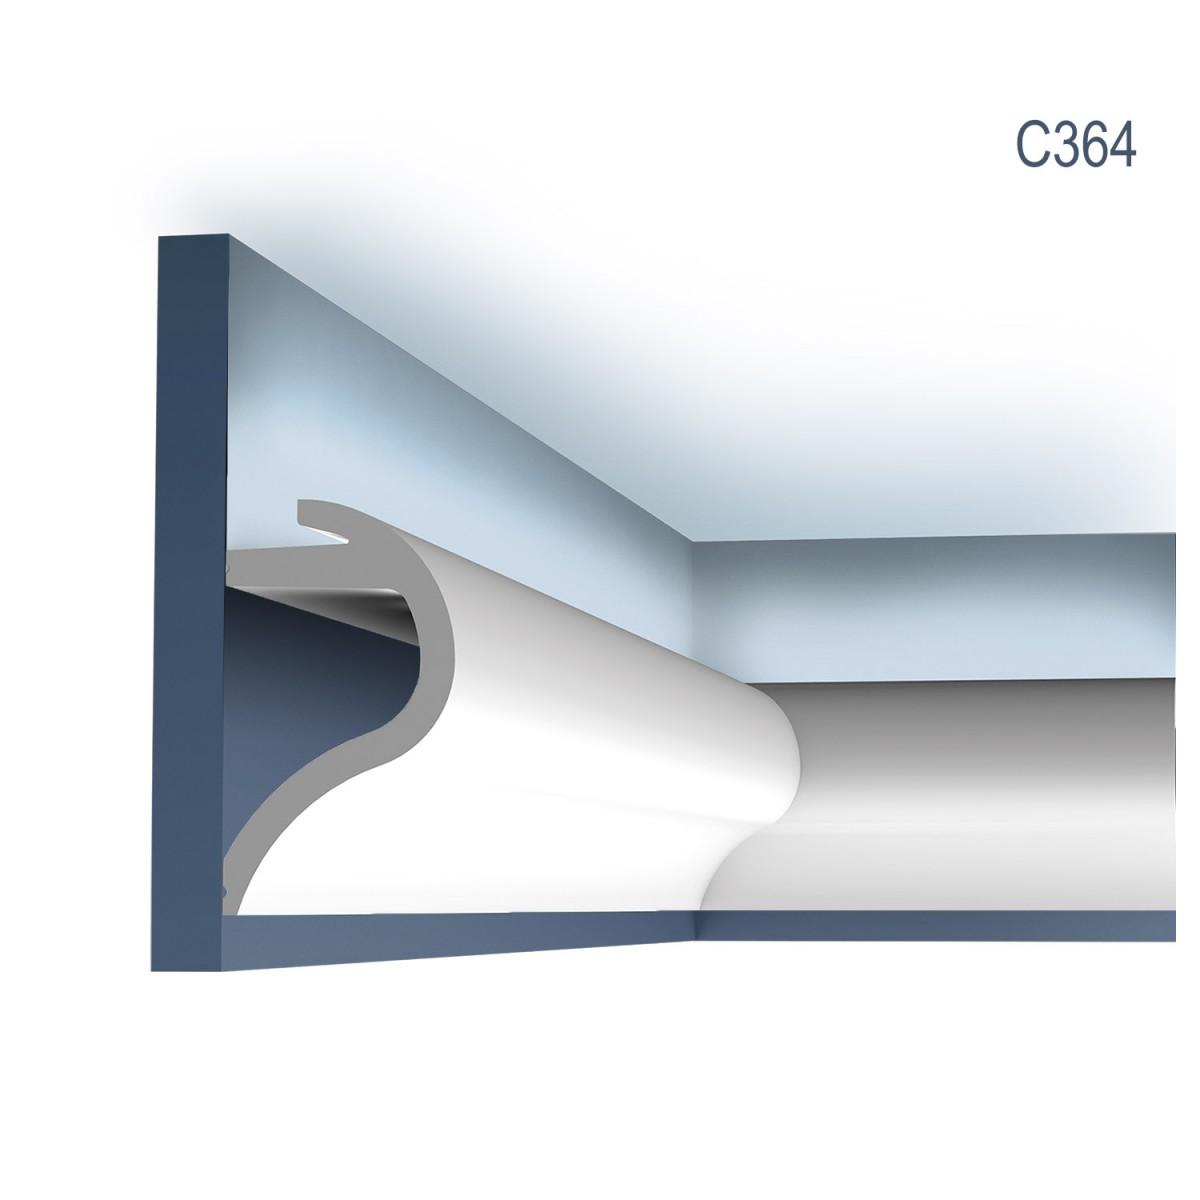 Cornisa Luxxus C364, Dimensiuni: 200 X 14 X 8 cm, Orac Decor